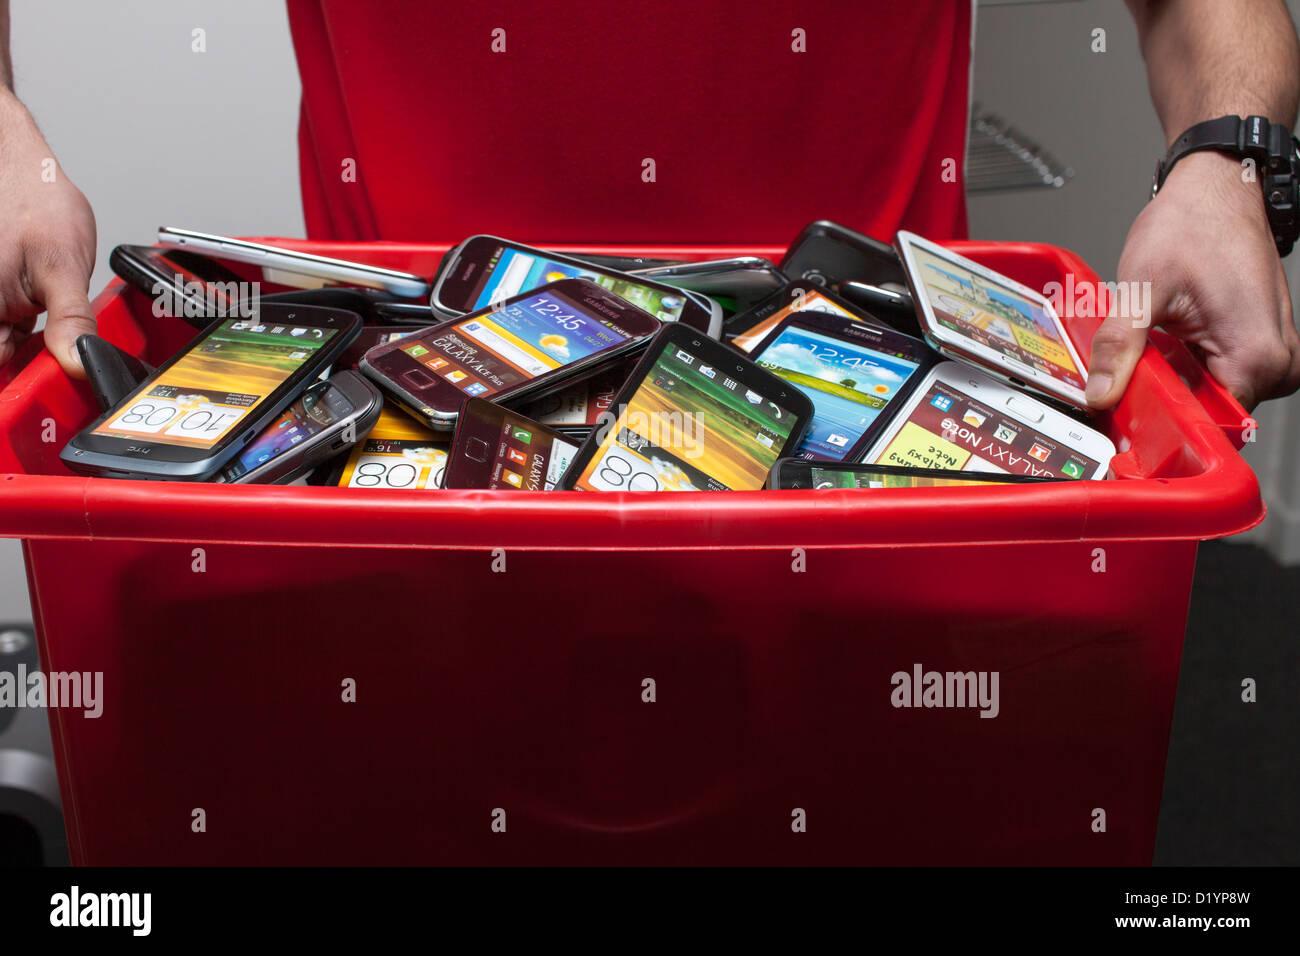 Caja llena con teléfonos móviles Imagen De Stock